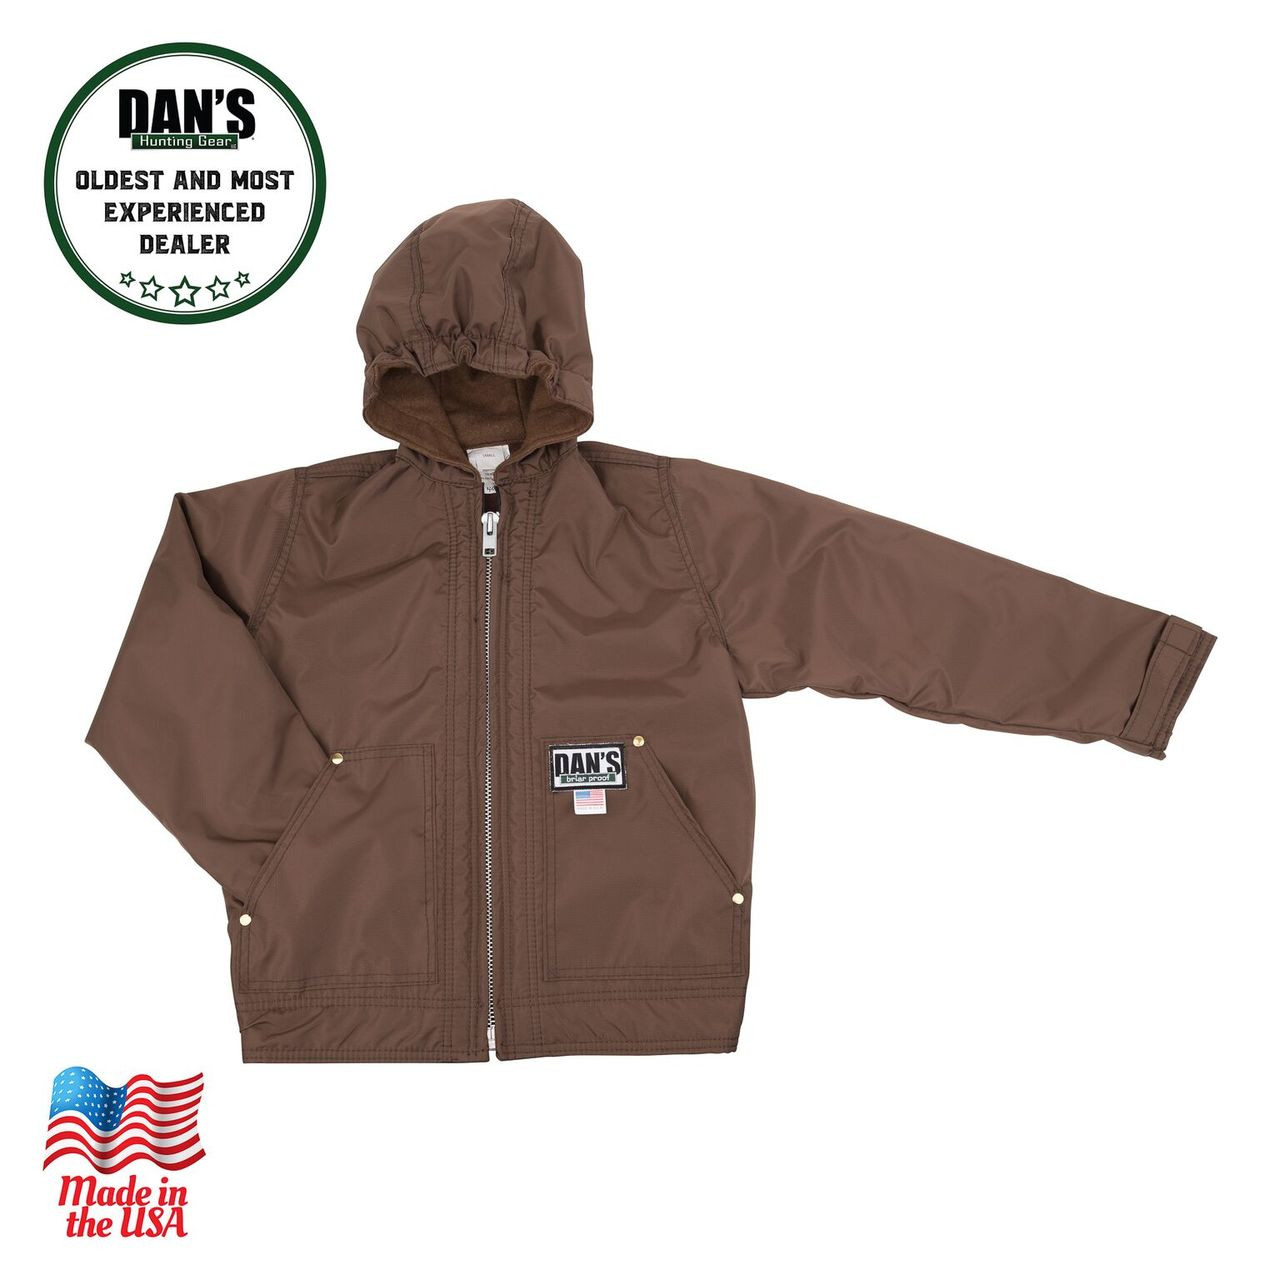 c20f358a01891 Dan's Hunting Gear - K401 Kid's Hooded Coat - Windwalker Outdoors